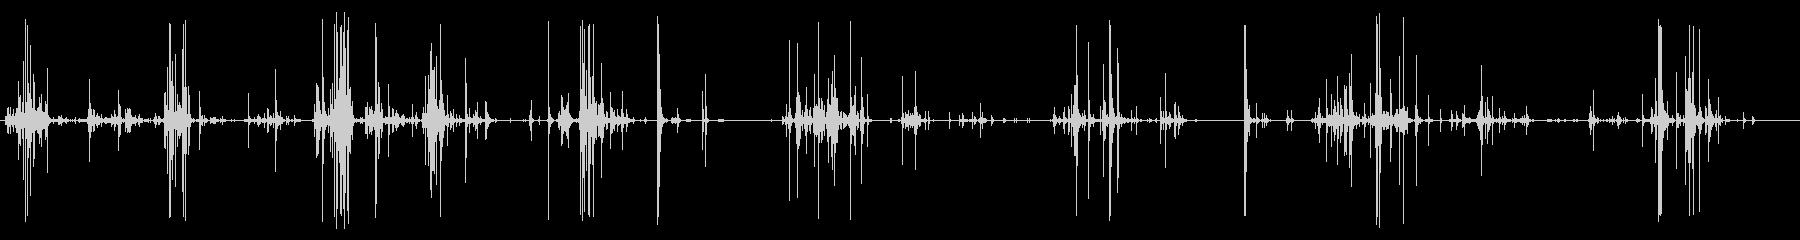 壊れそうな床の上を歩く音(パリパリ)の未再生の波形